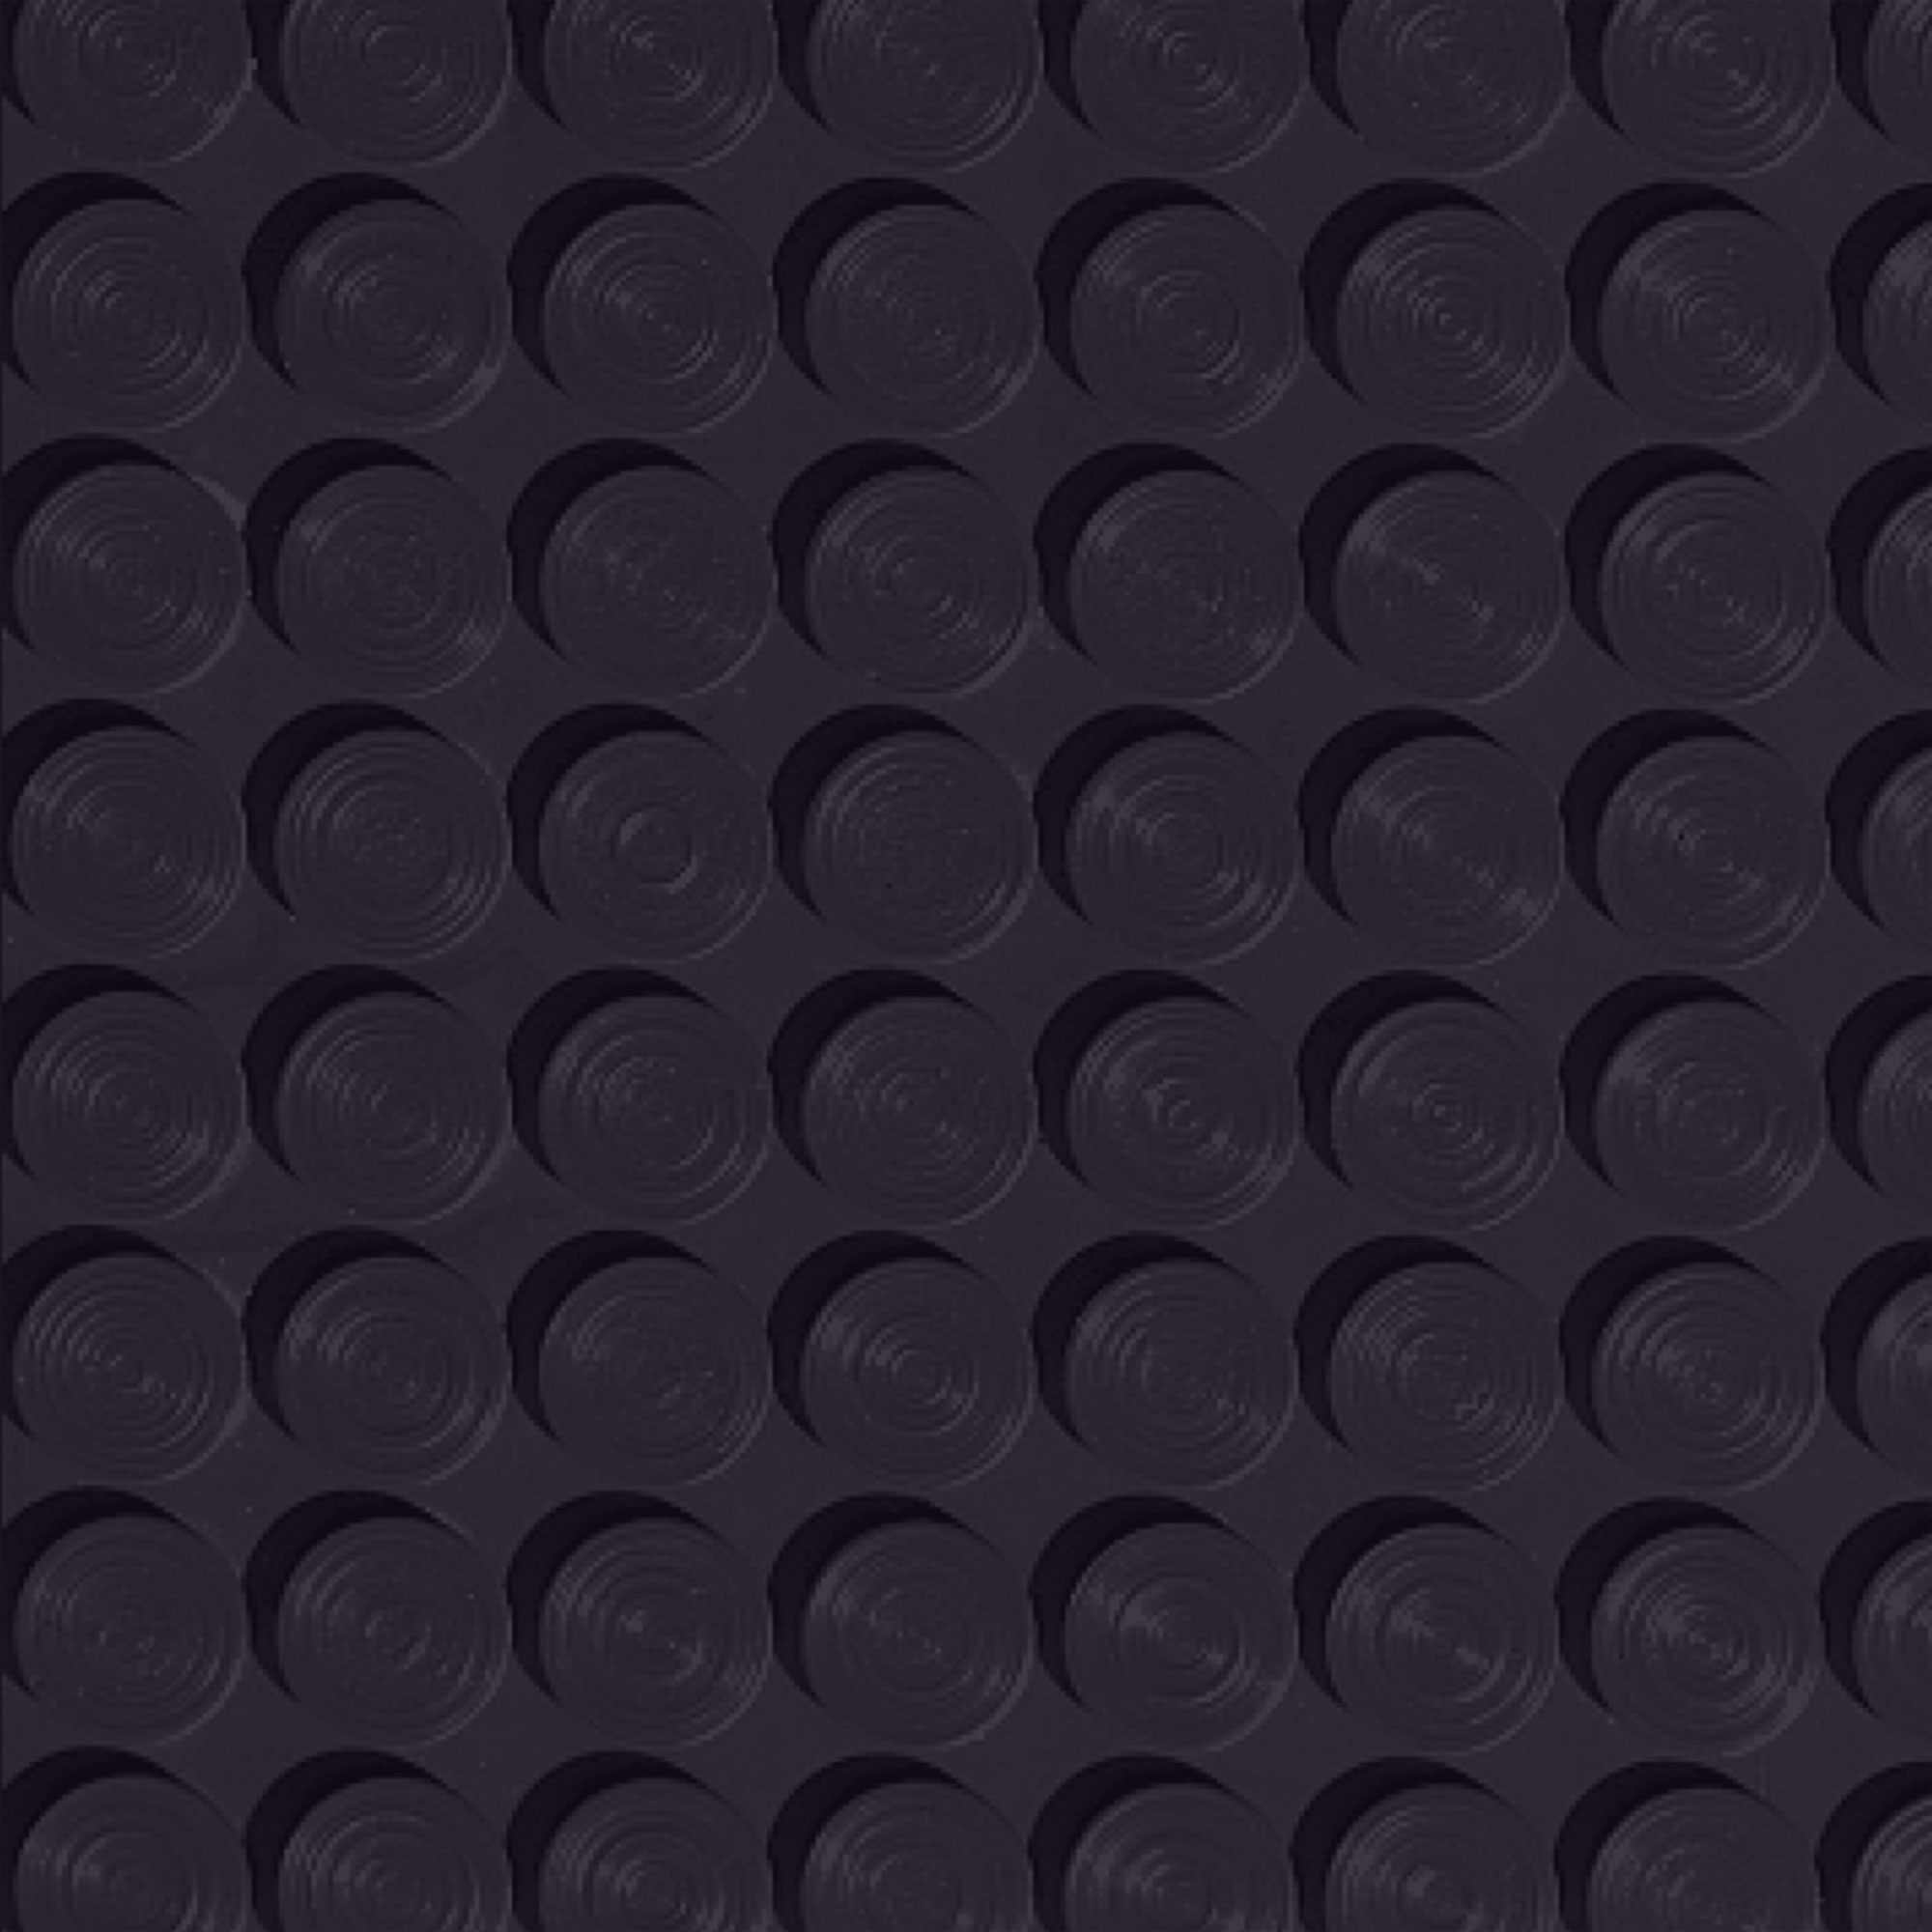 Roppe Rubber Tile 900 - Lug Back Vantage Design (LB996) Black Rubber Flooring